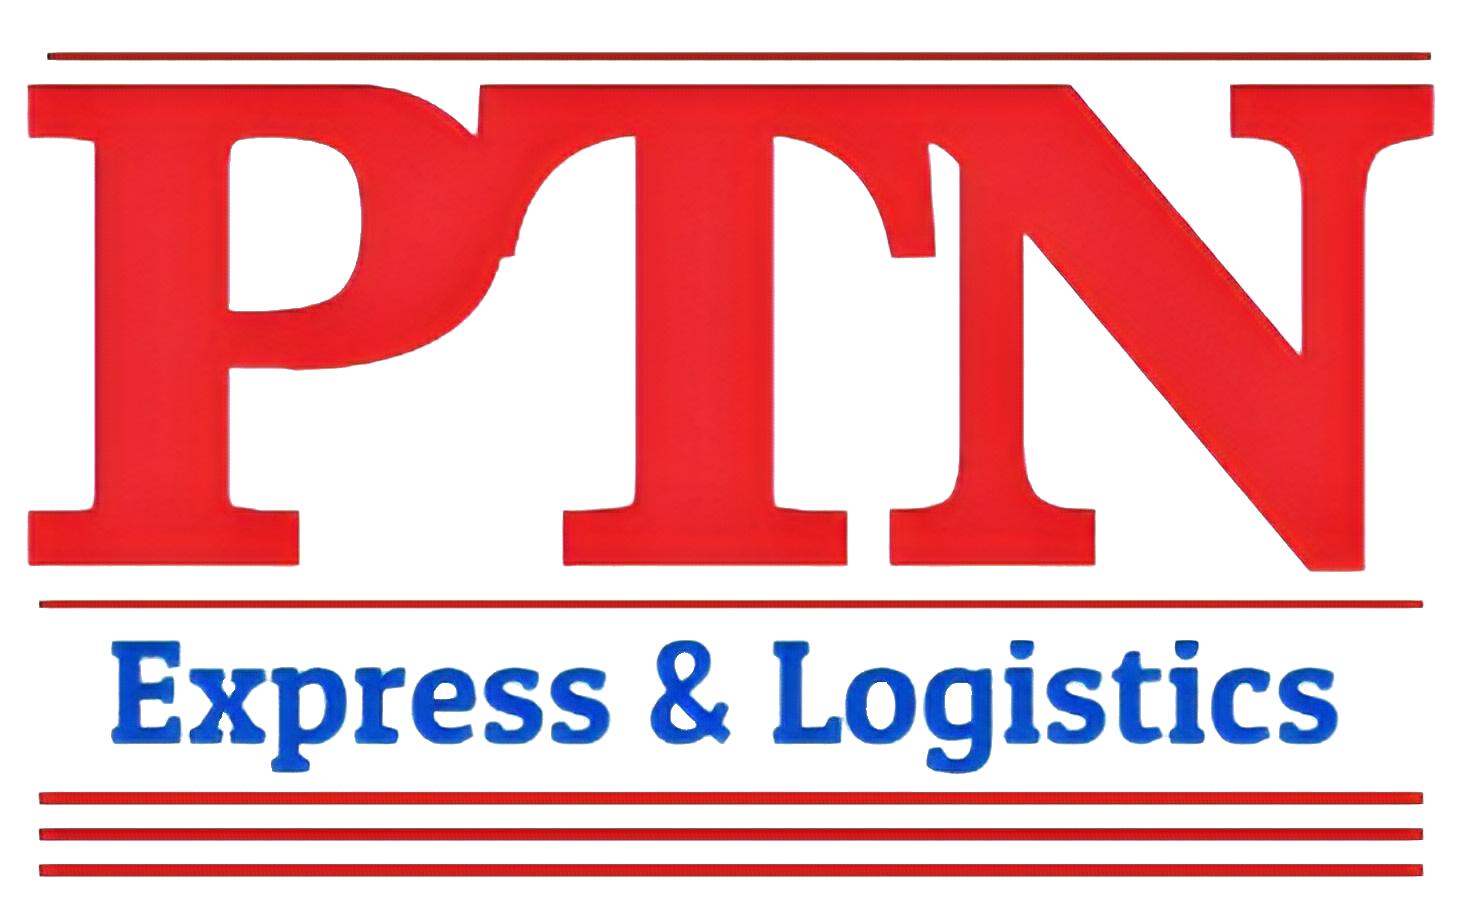 Dịch vụ chuyển phát nhanh đi đức mang lại cho các bạn sự hài về chất lượng dịch vụ. Logo